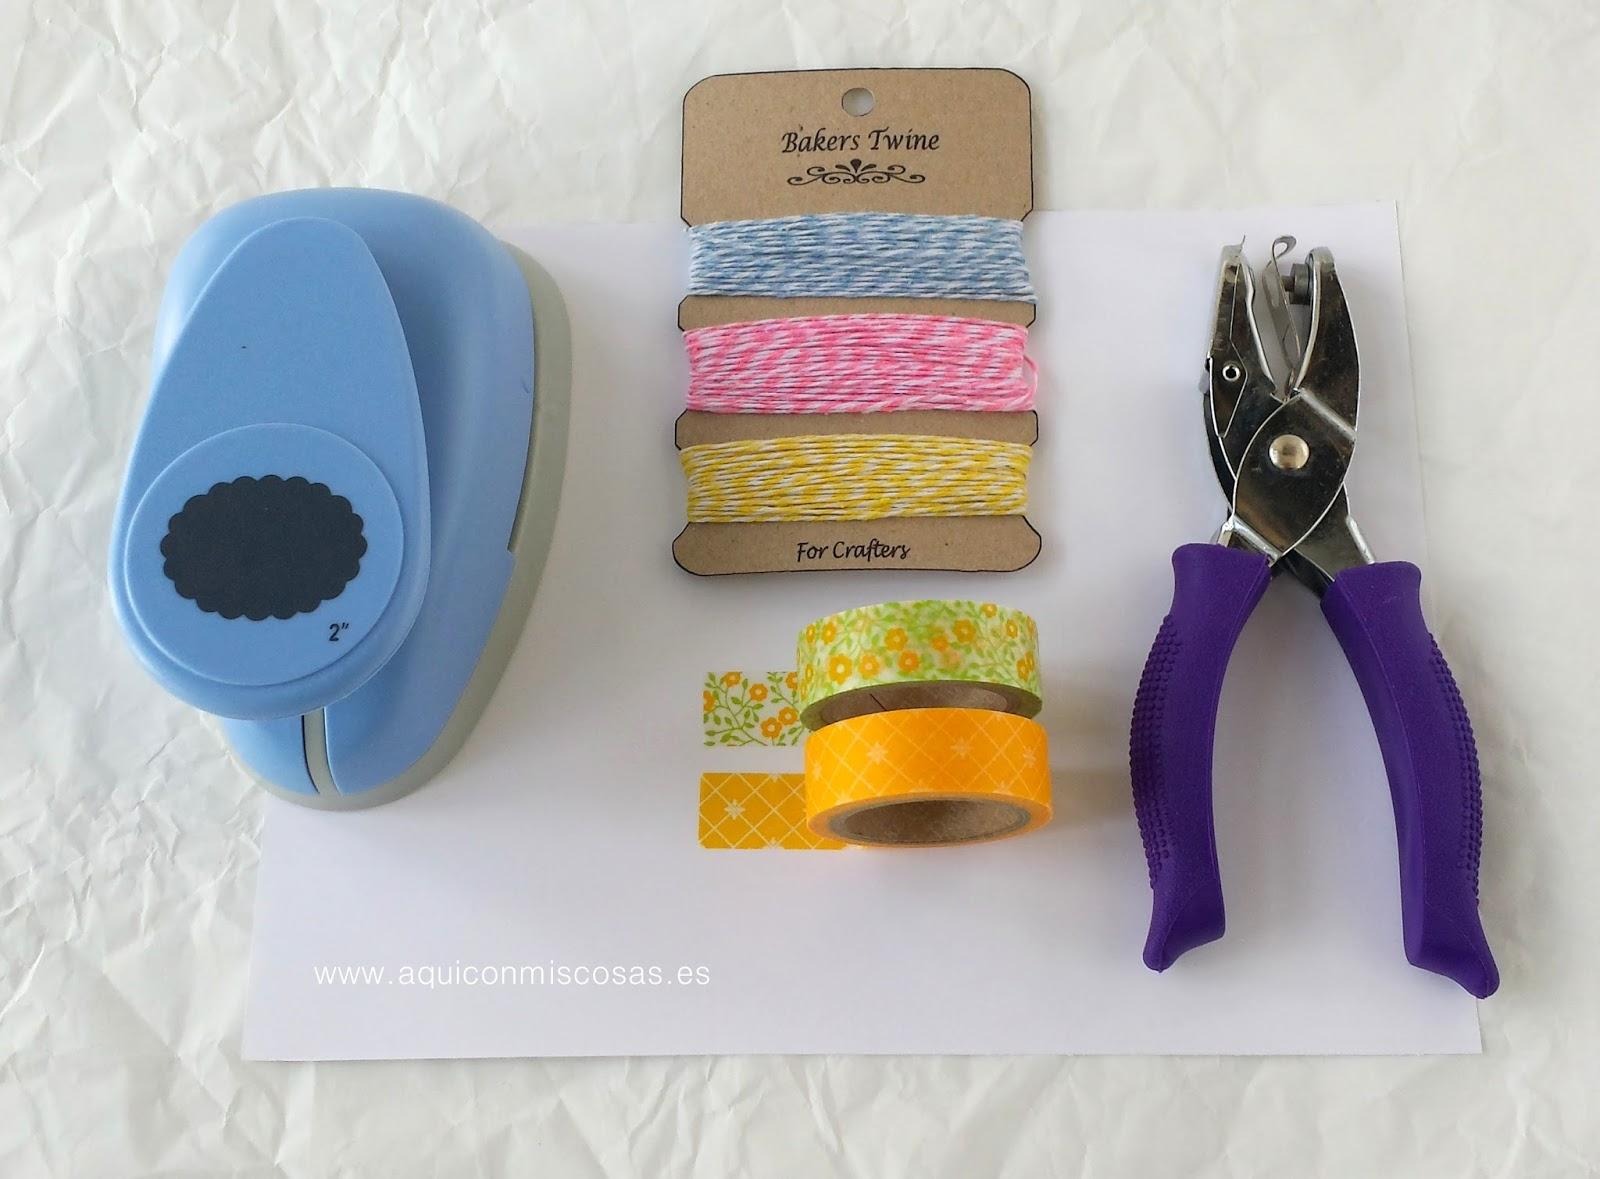 cintas washi tape de etiquetas de agujeros cordel